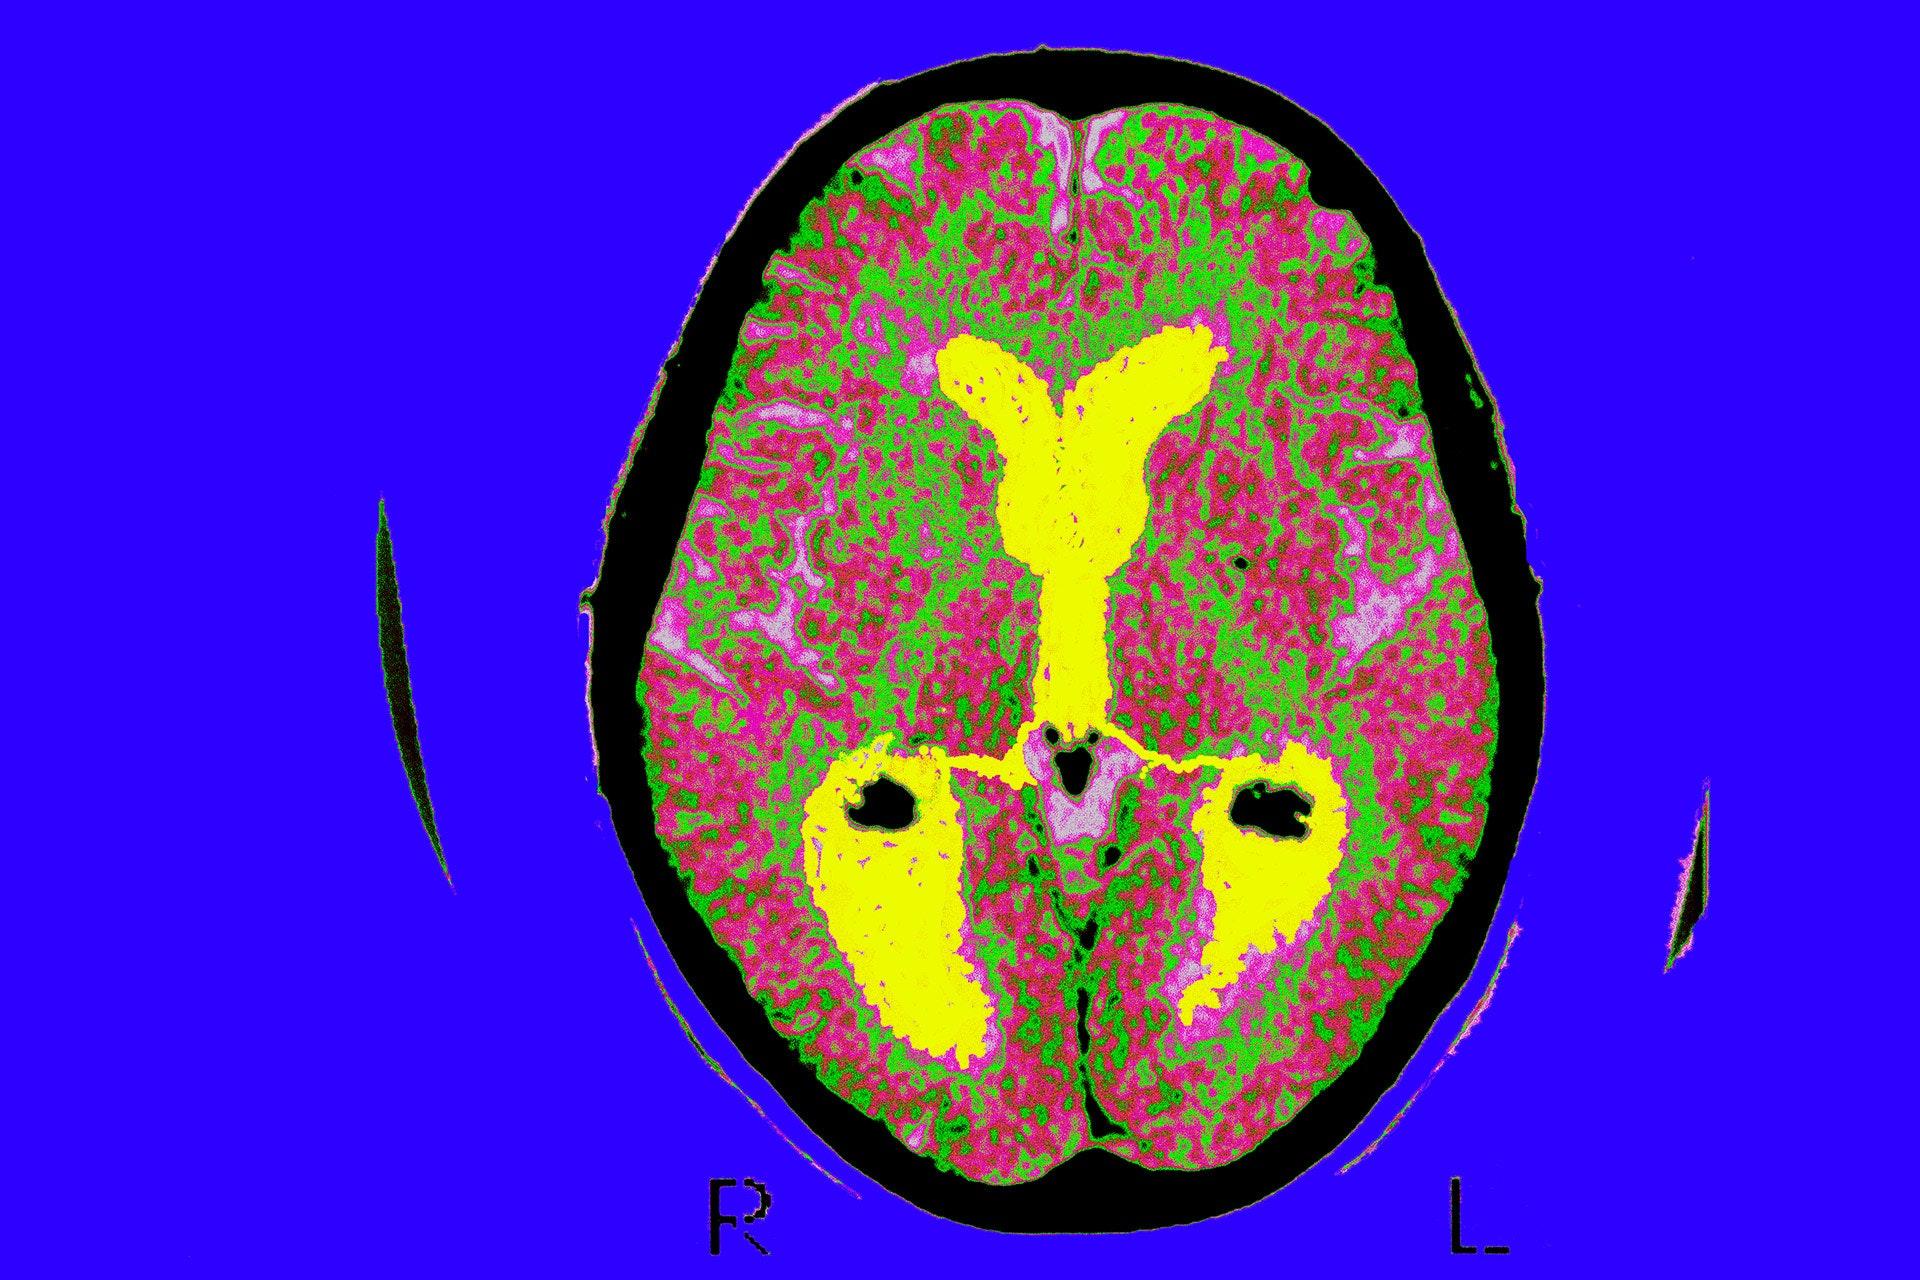 Я — нейробиолог. Вот 5 важных фактов о мозге, о которых я узнал за 30 лет работы картинки